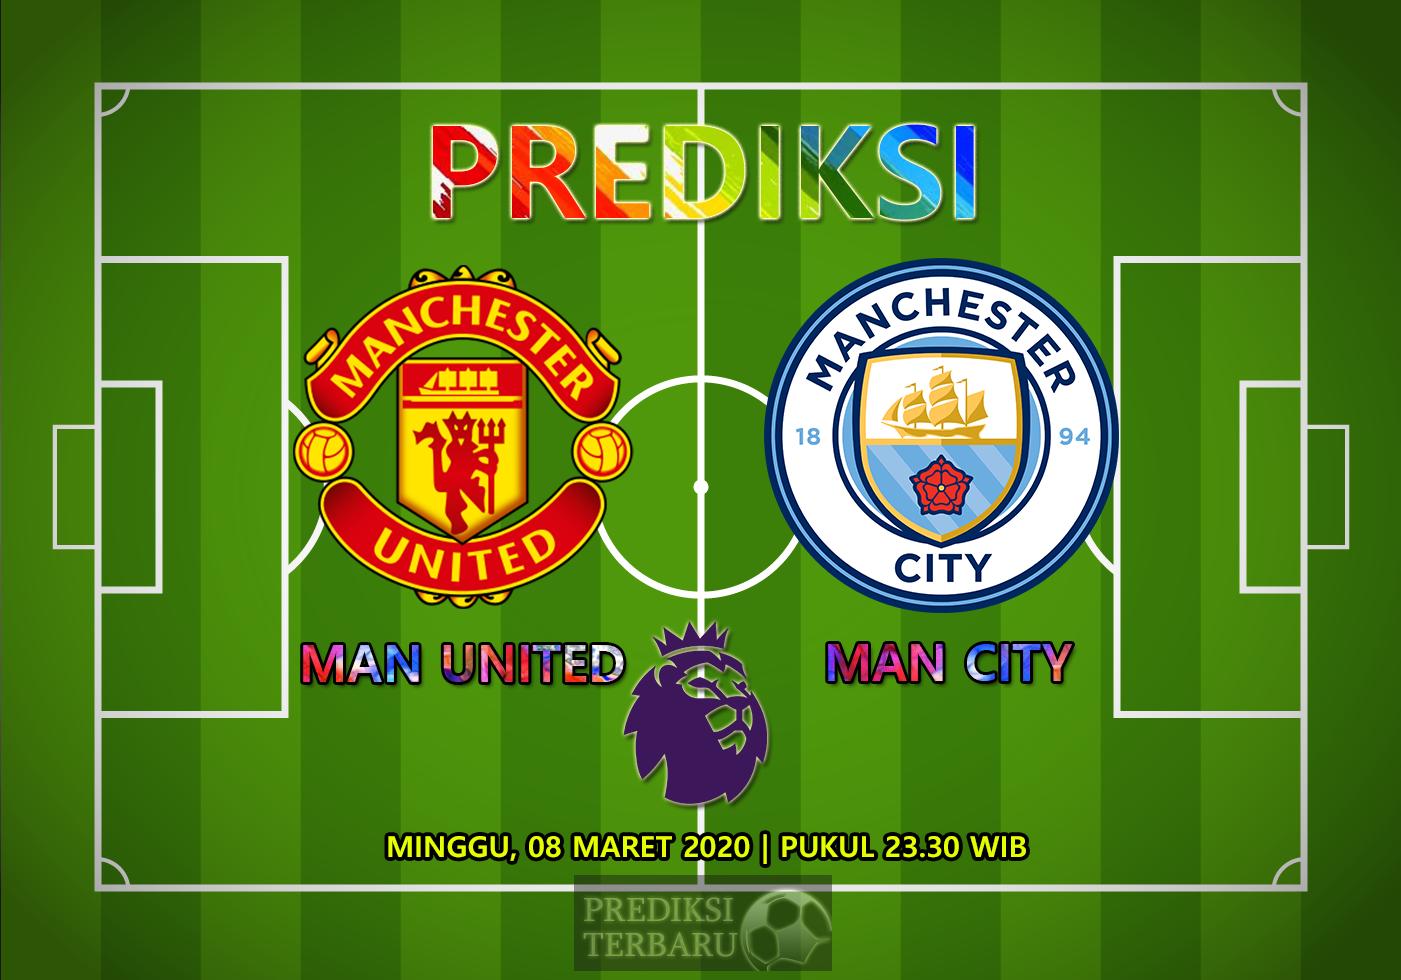 Prediksi Manchester United Vs Manchester City Minggu 08 Maret